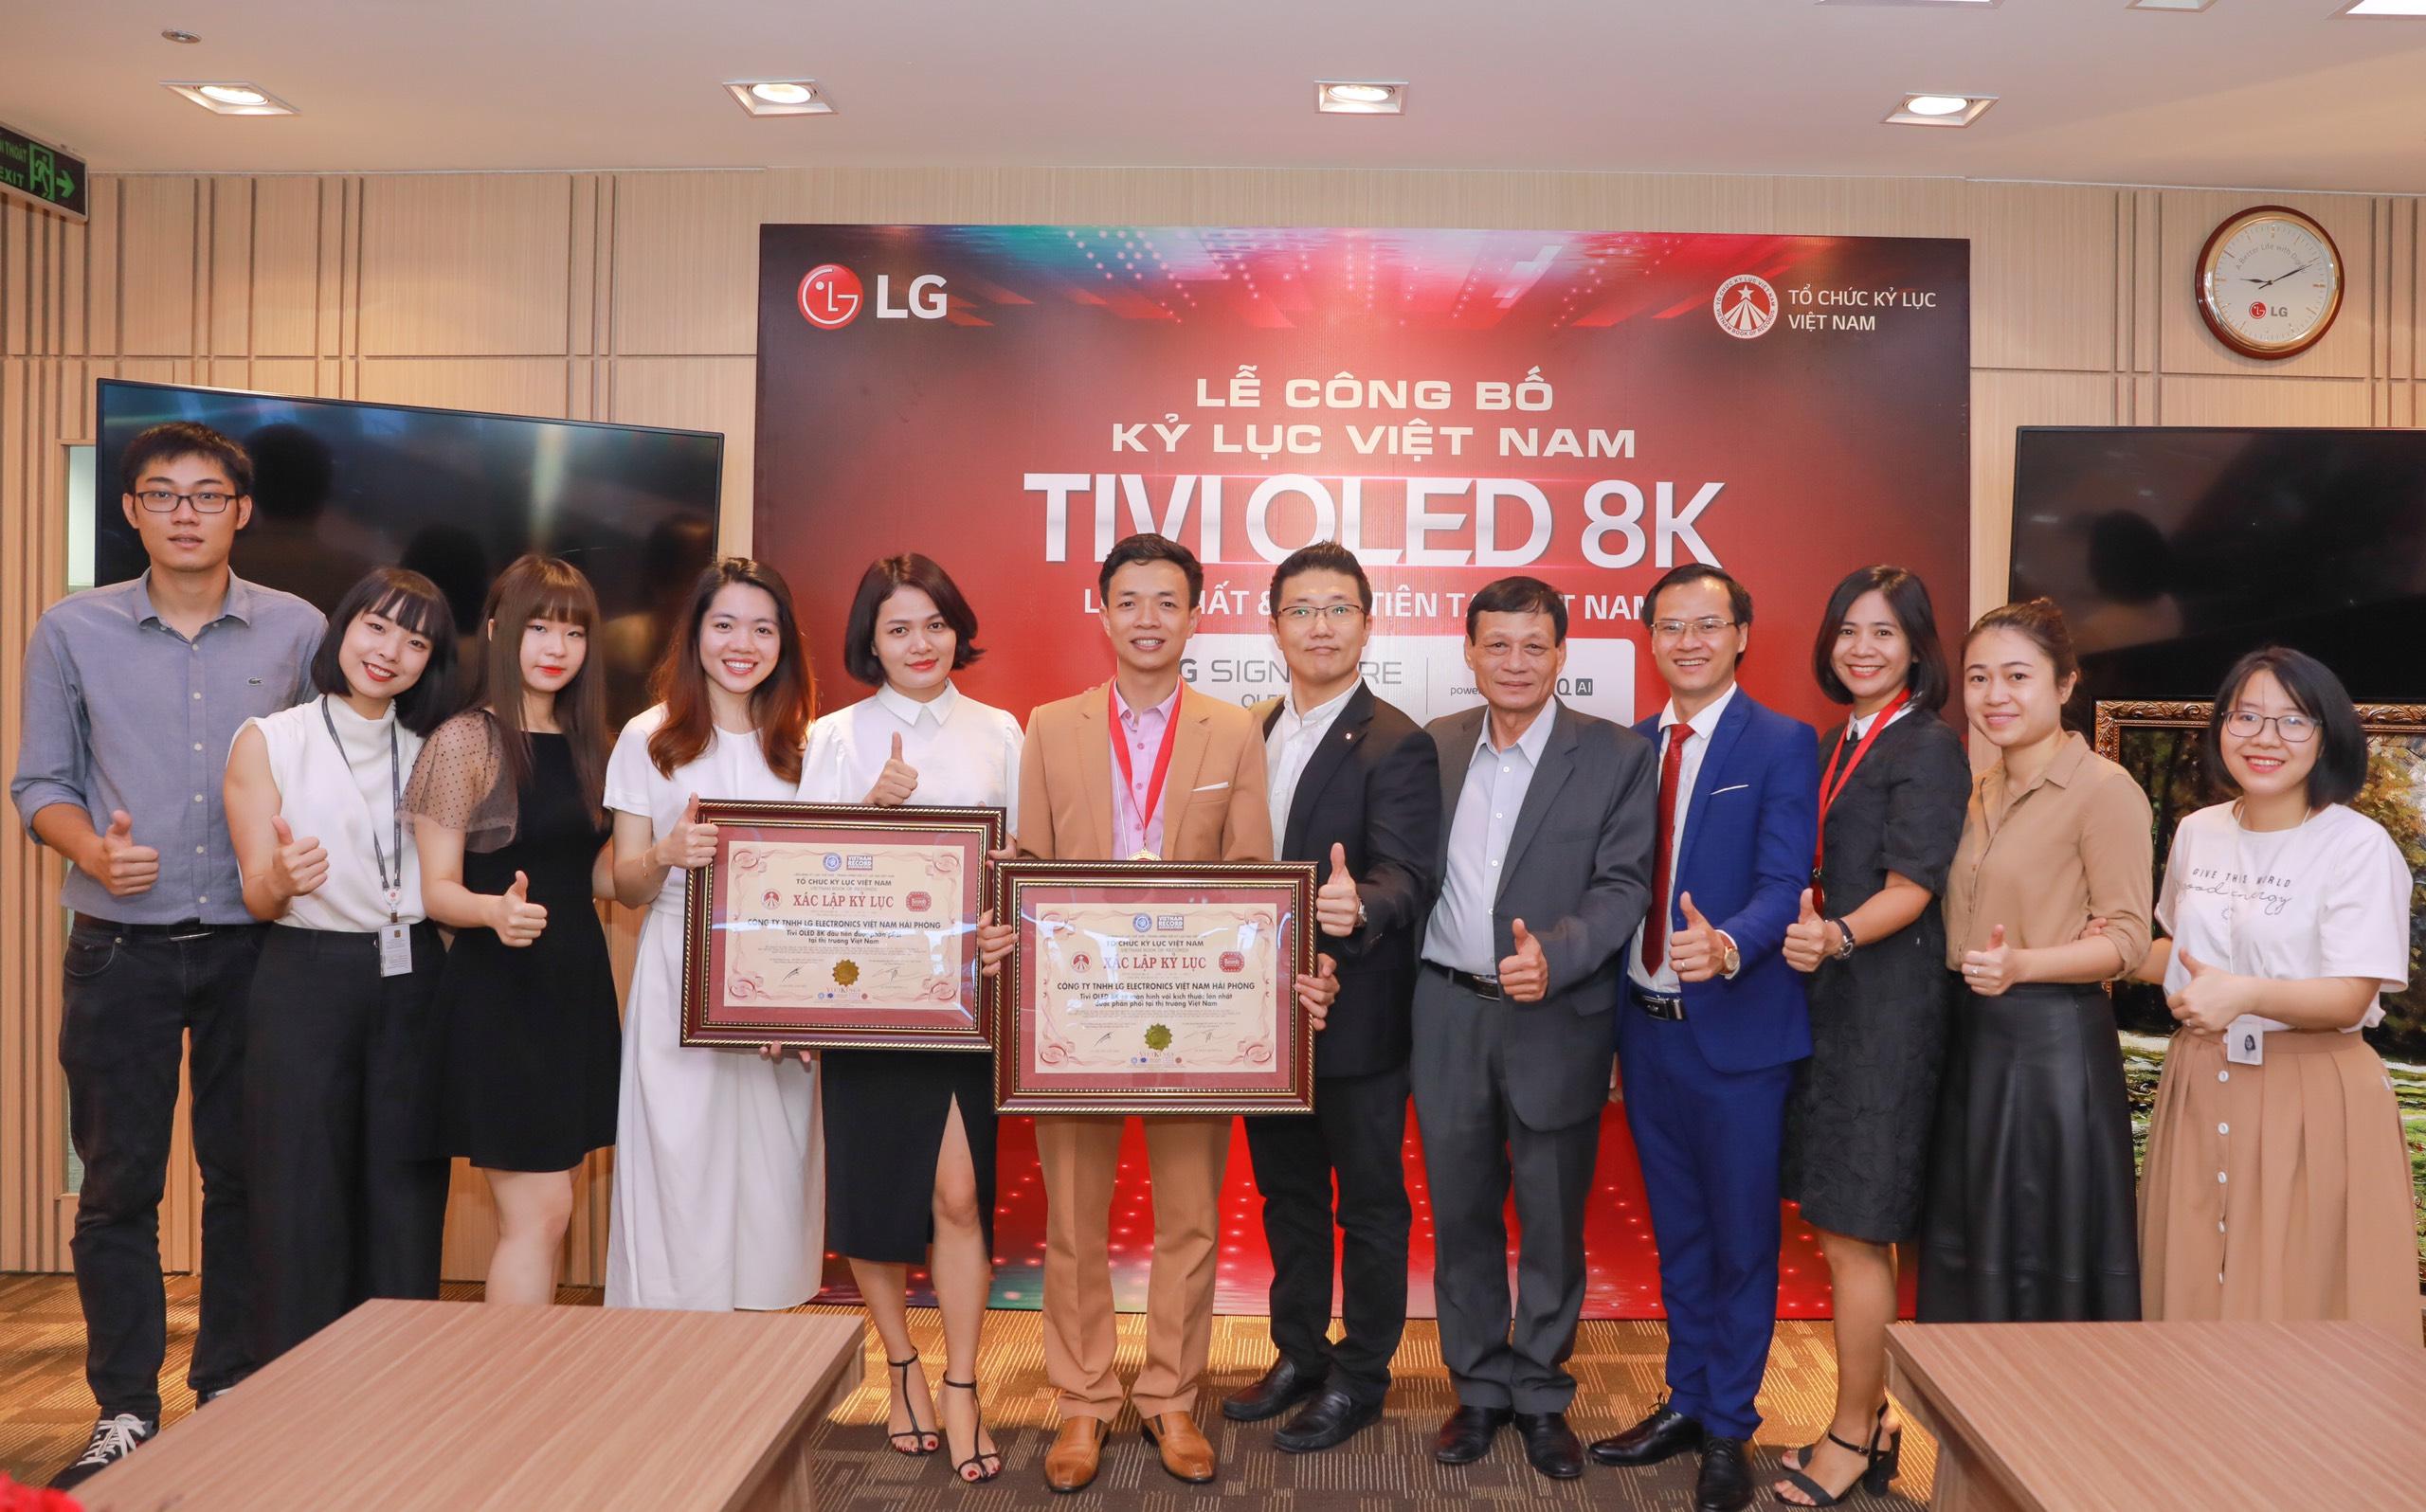 Các cán bộ - nhân viên Công ty TNHH LG Electronics Việt Nam Hải Phòng chụp hình lưu niệm cùng đại diện Tổ chức Kỷ lục Việt Nam